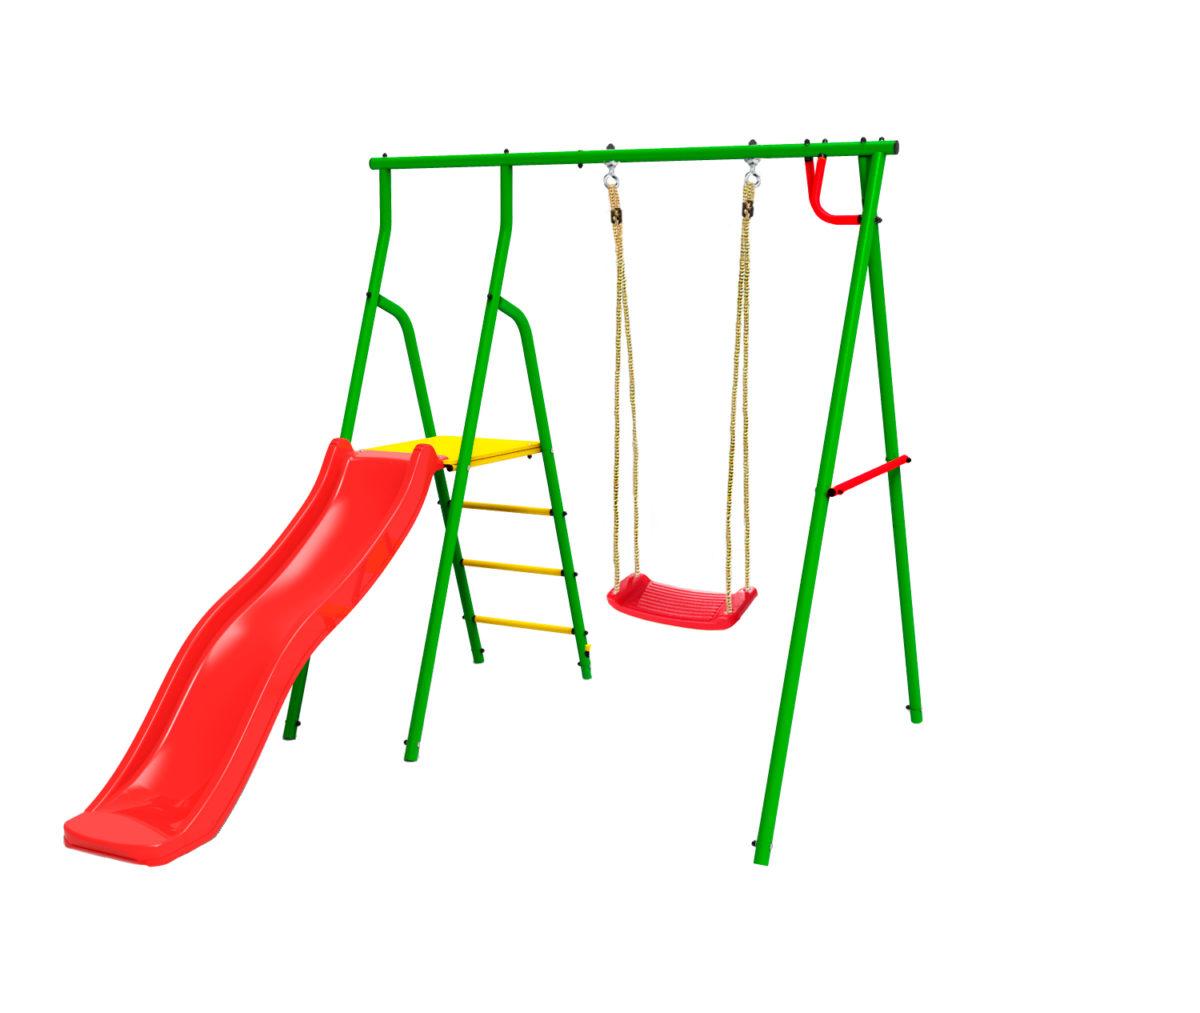 Спортивно-игровой комплекс Kampfer Alpen Swing (Пластиковые навесные качели)